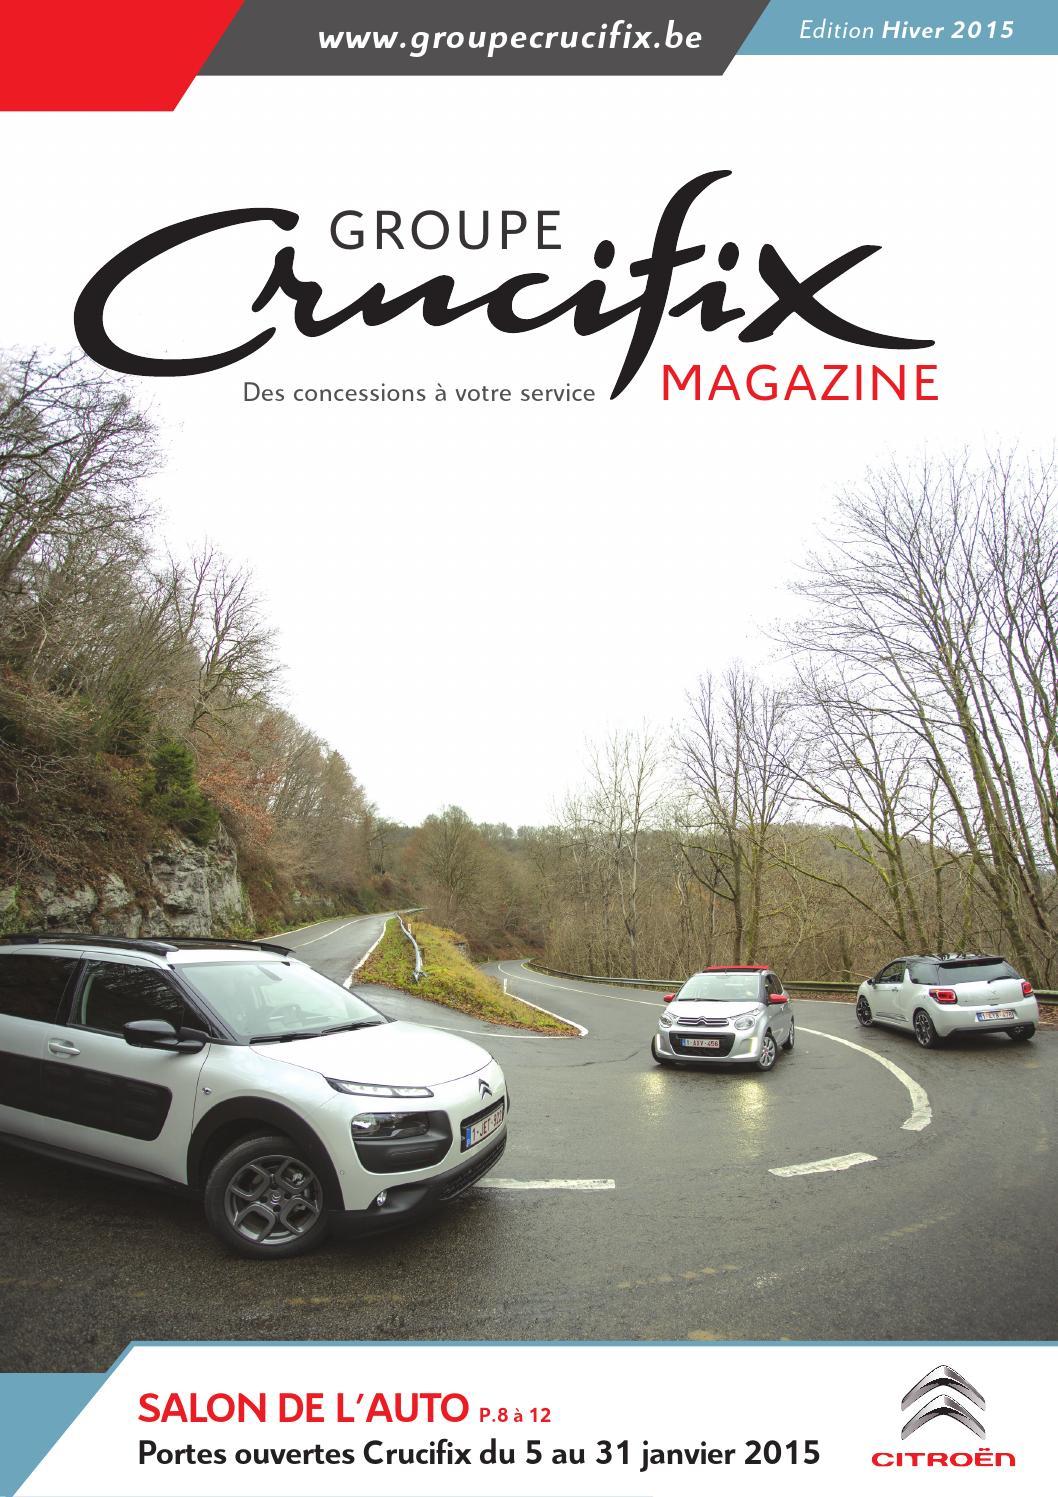 Groupe crucifix magazine 2015 by garage crucifix garage for Garage citroen melle 79